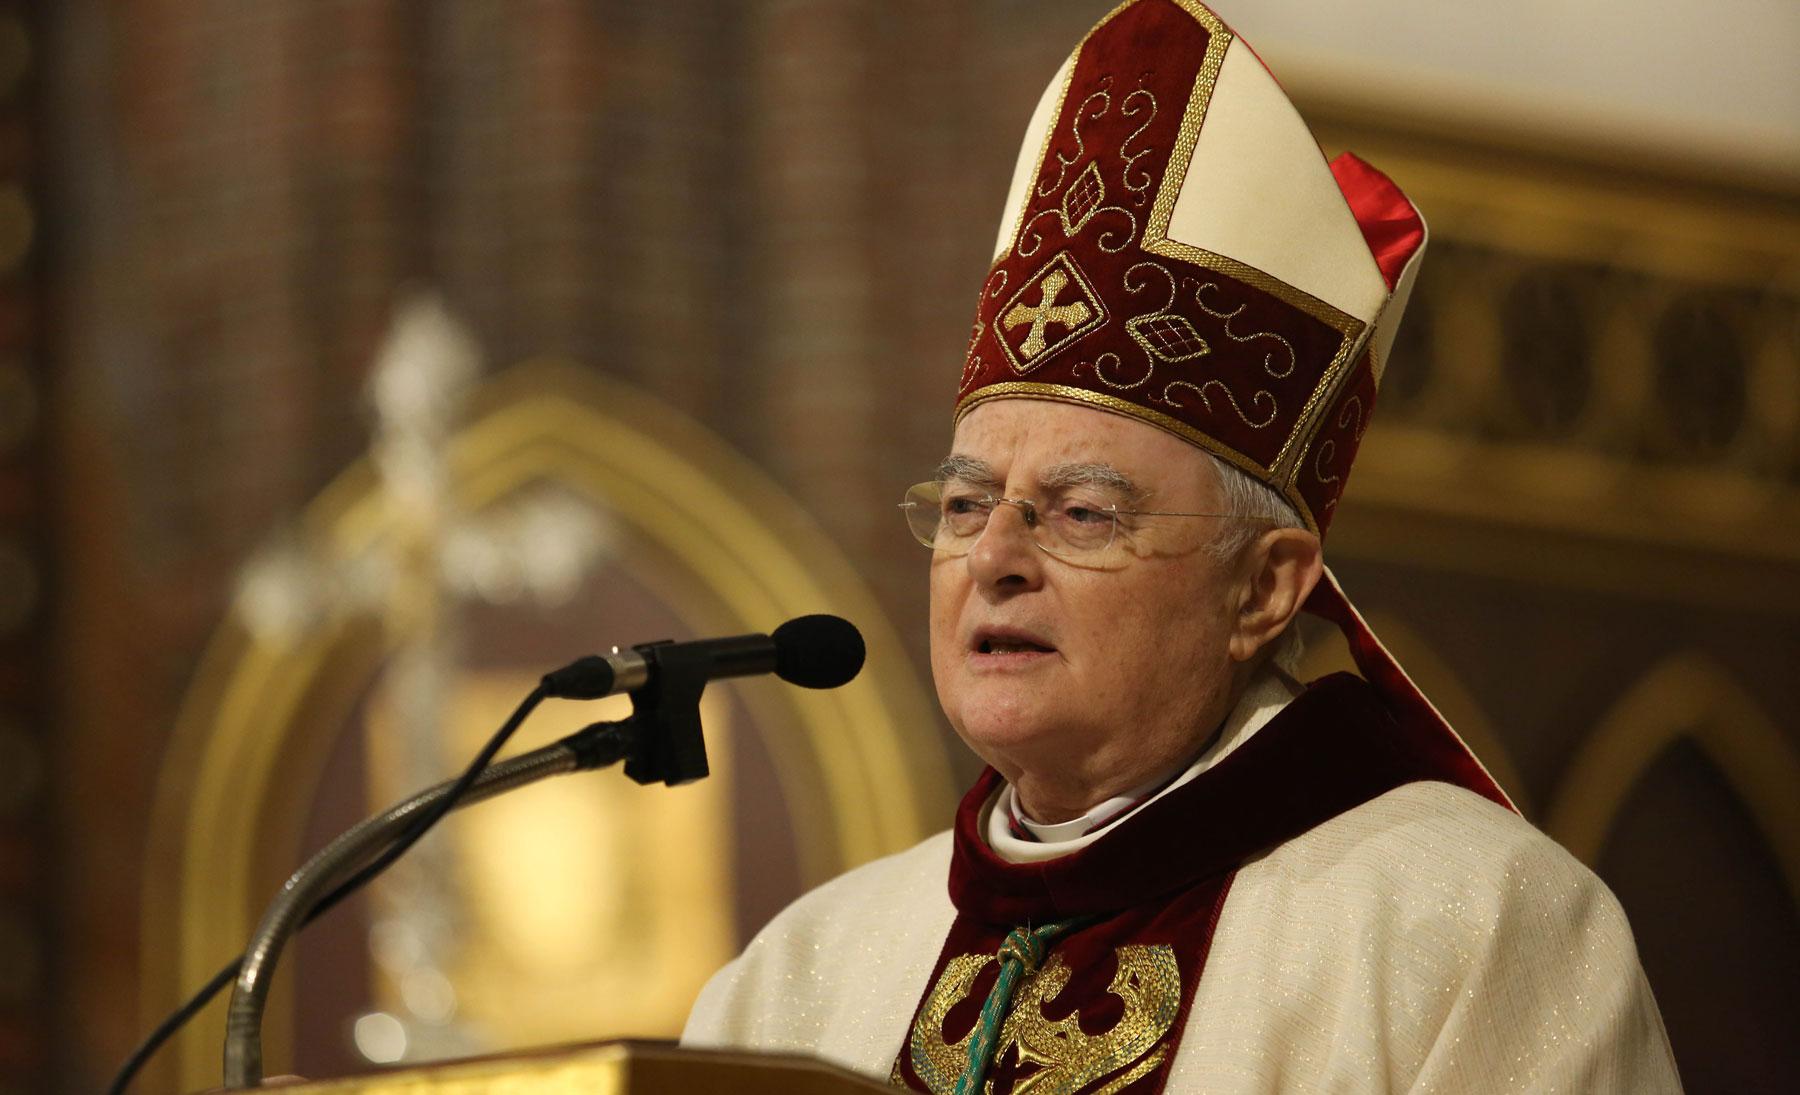 W wieku 78 lat zmarł abp Henryk Hoser SAC | Fronda.pl